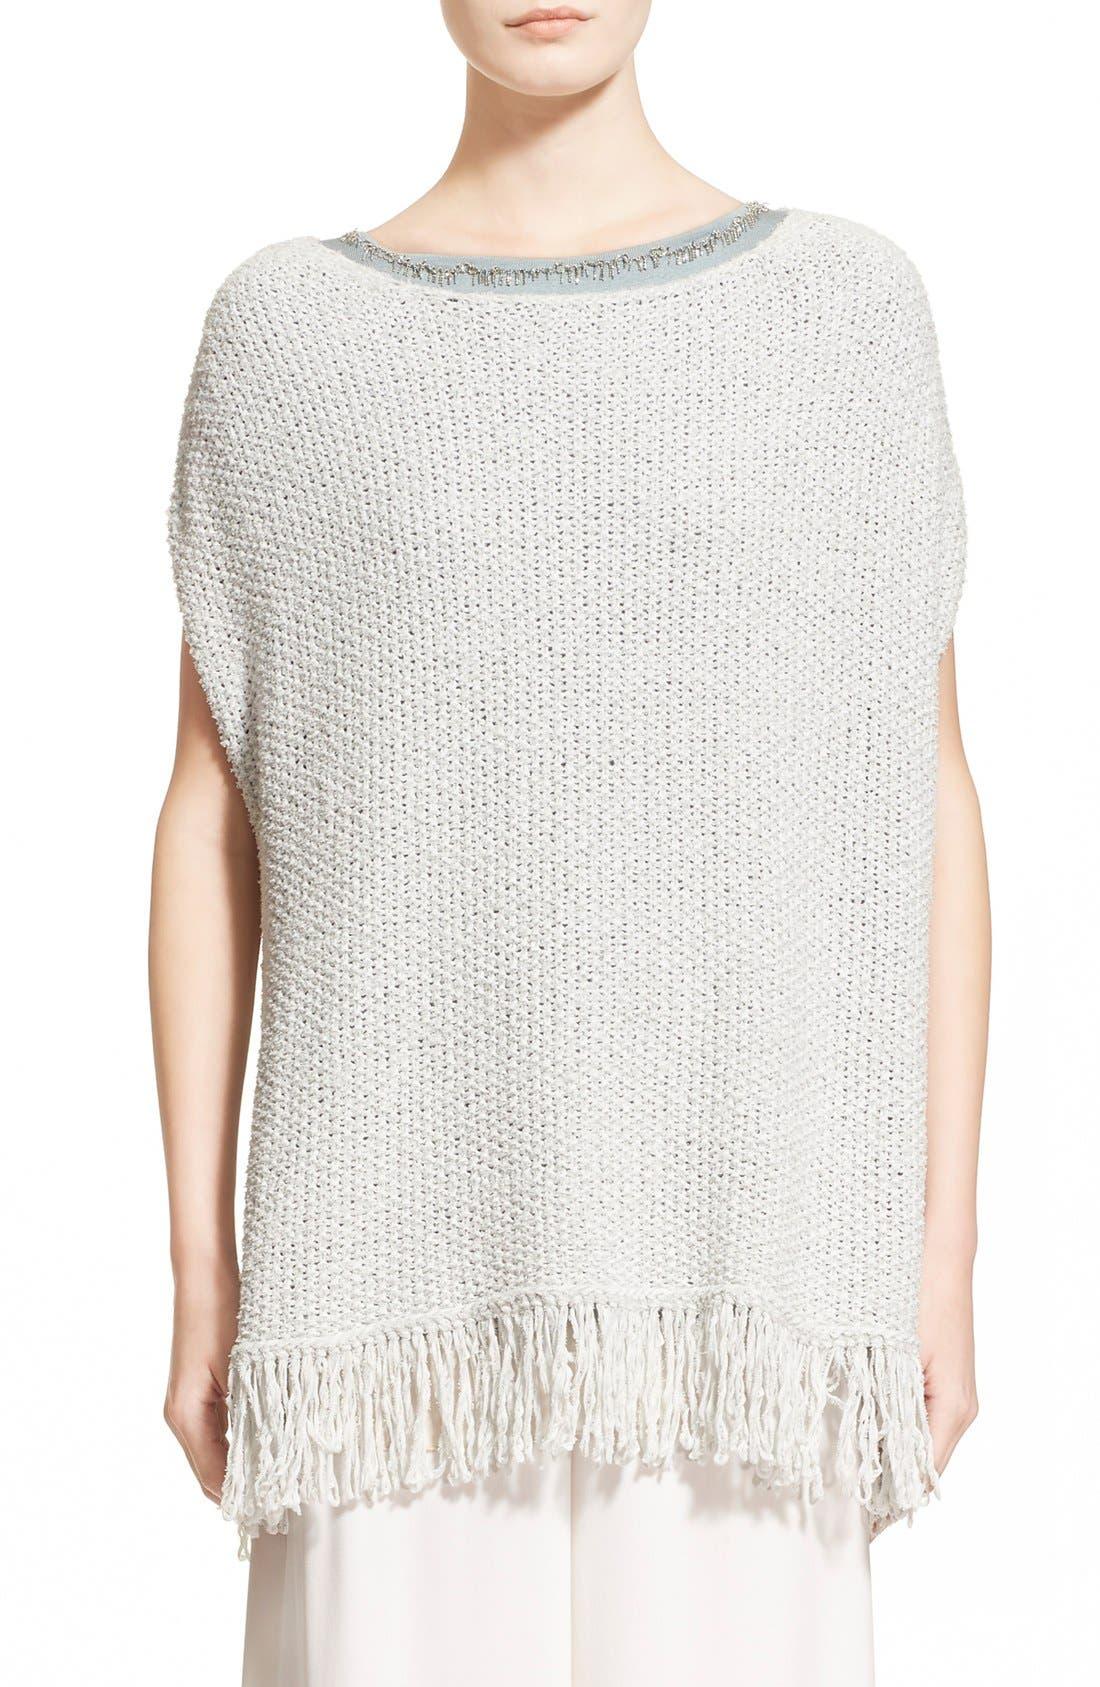 Main Image - Fabiana Filippi Fringe Trim Cotton Blend Poncho Sweater